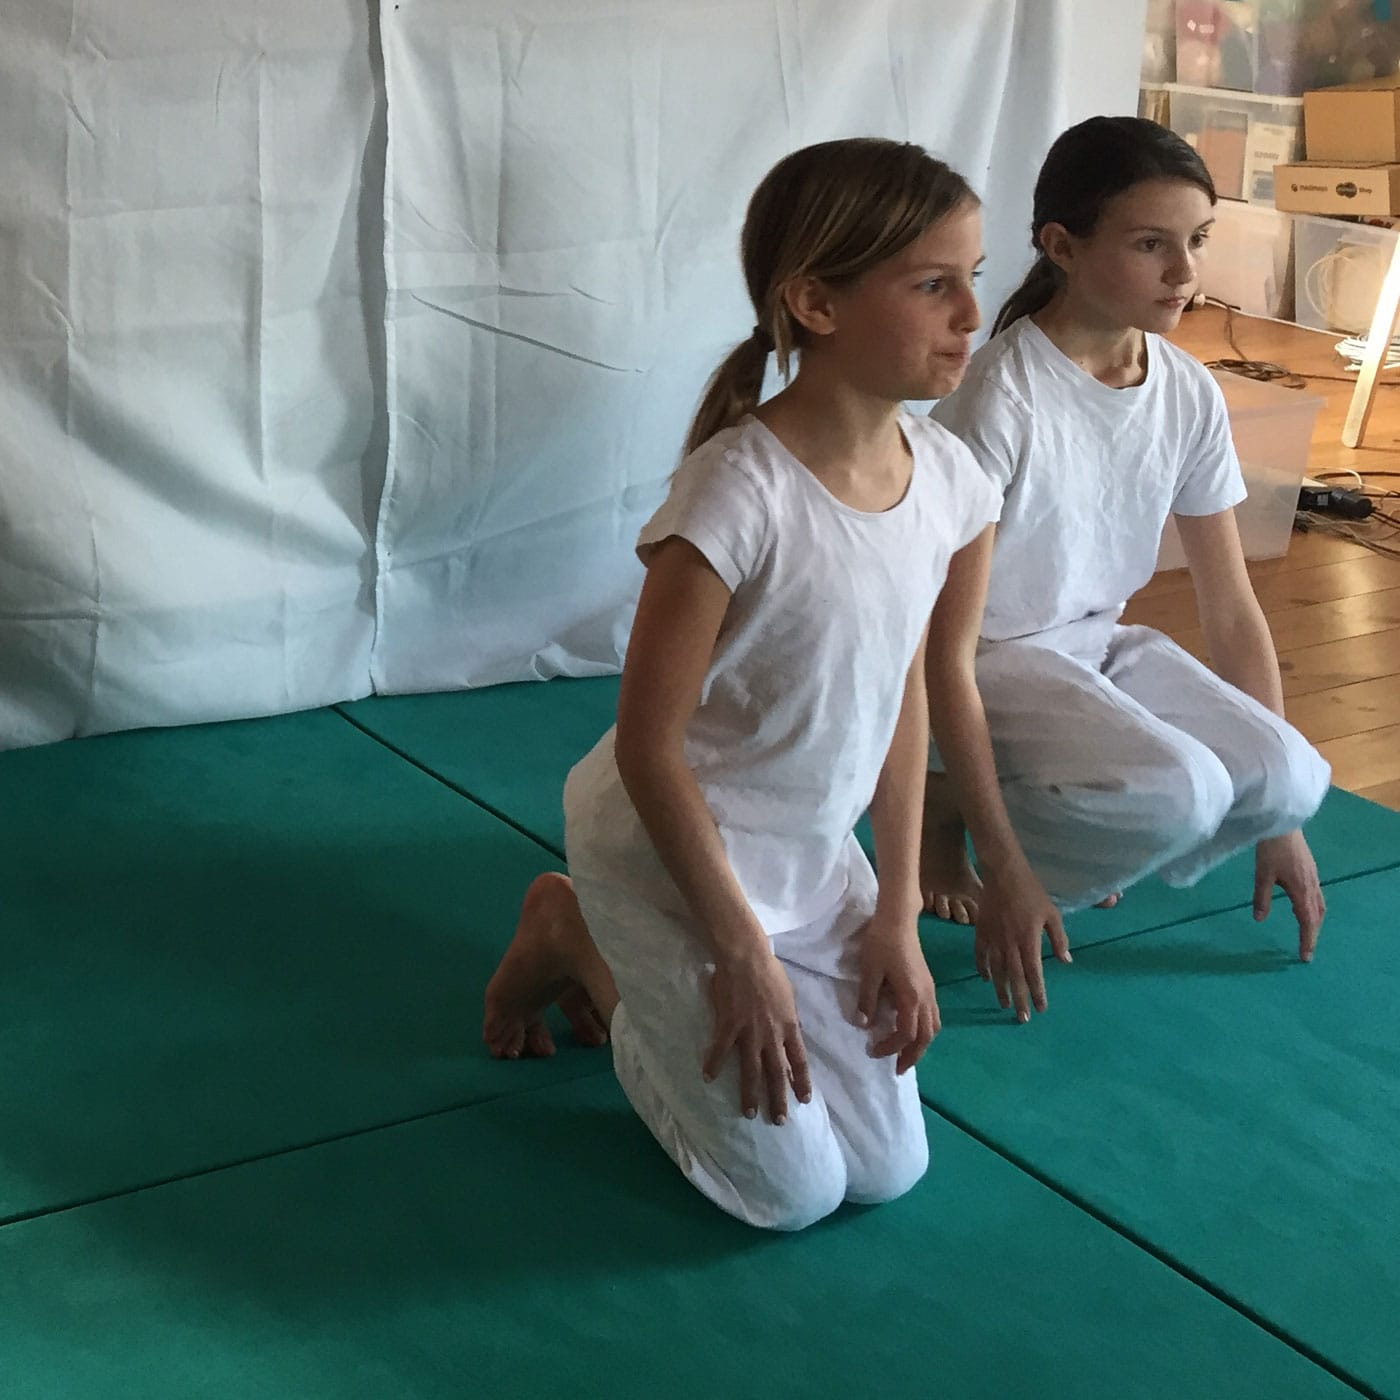 Kampfkunstschule kikentai mit Onlinekursen für Kinder // HIMBEER